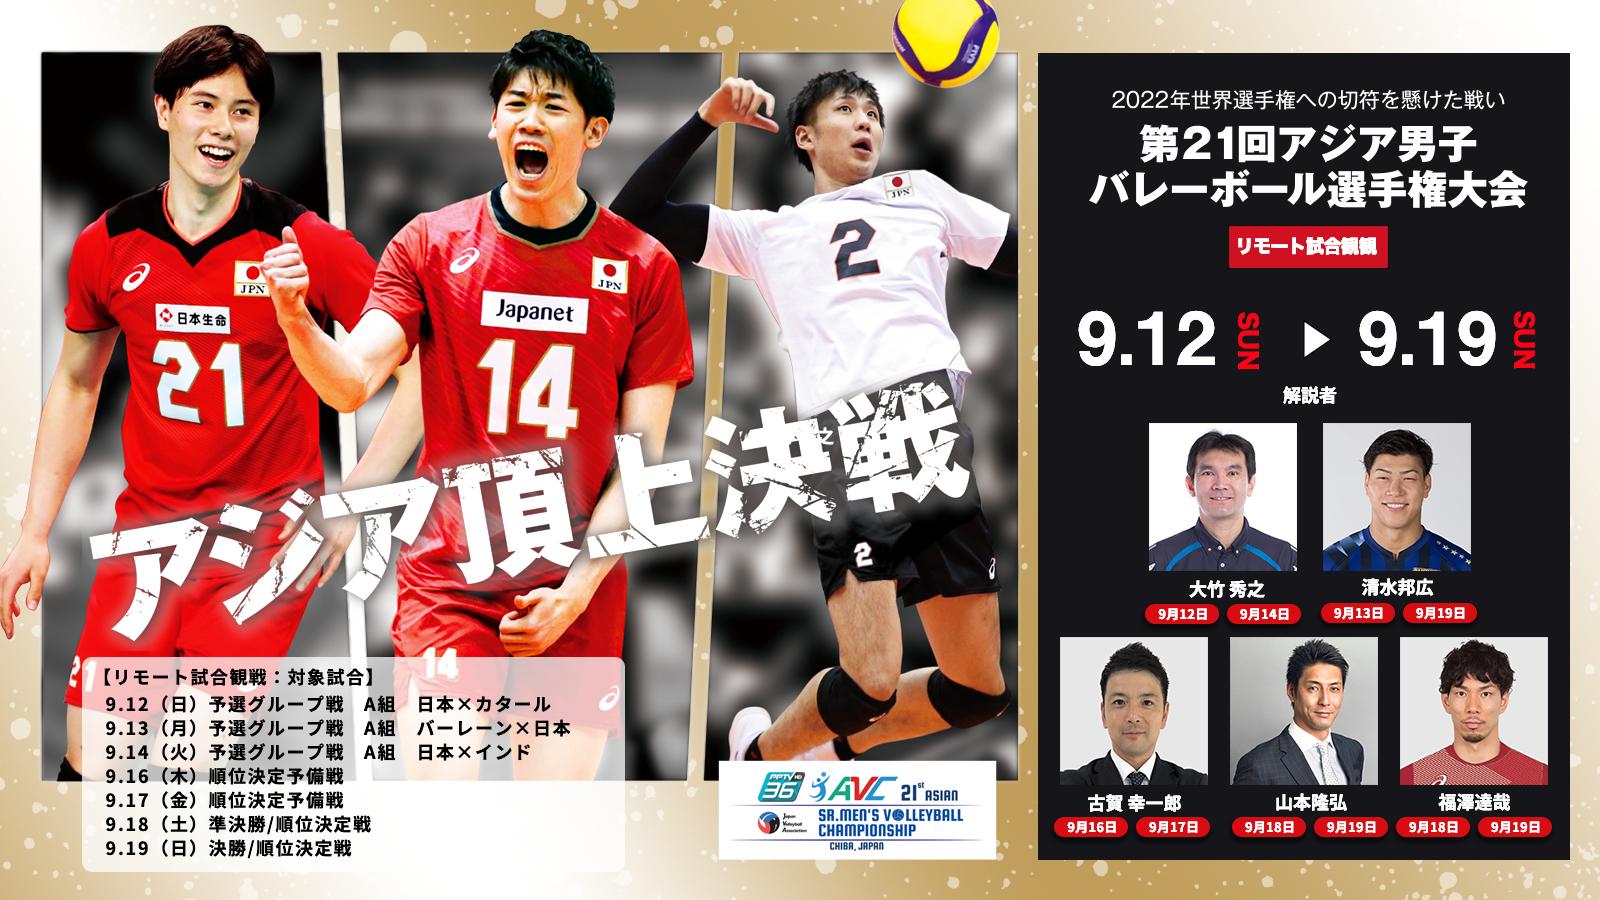 日本代表戦の全試合で「Streaming+」での有料ライブ配信を実施